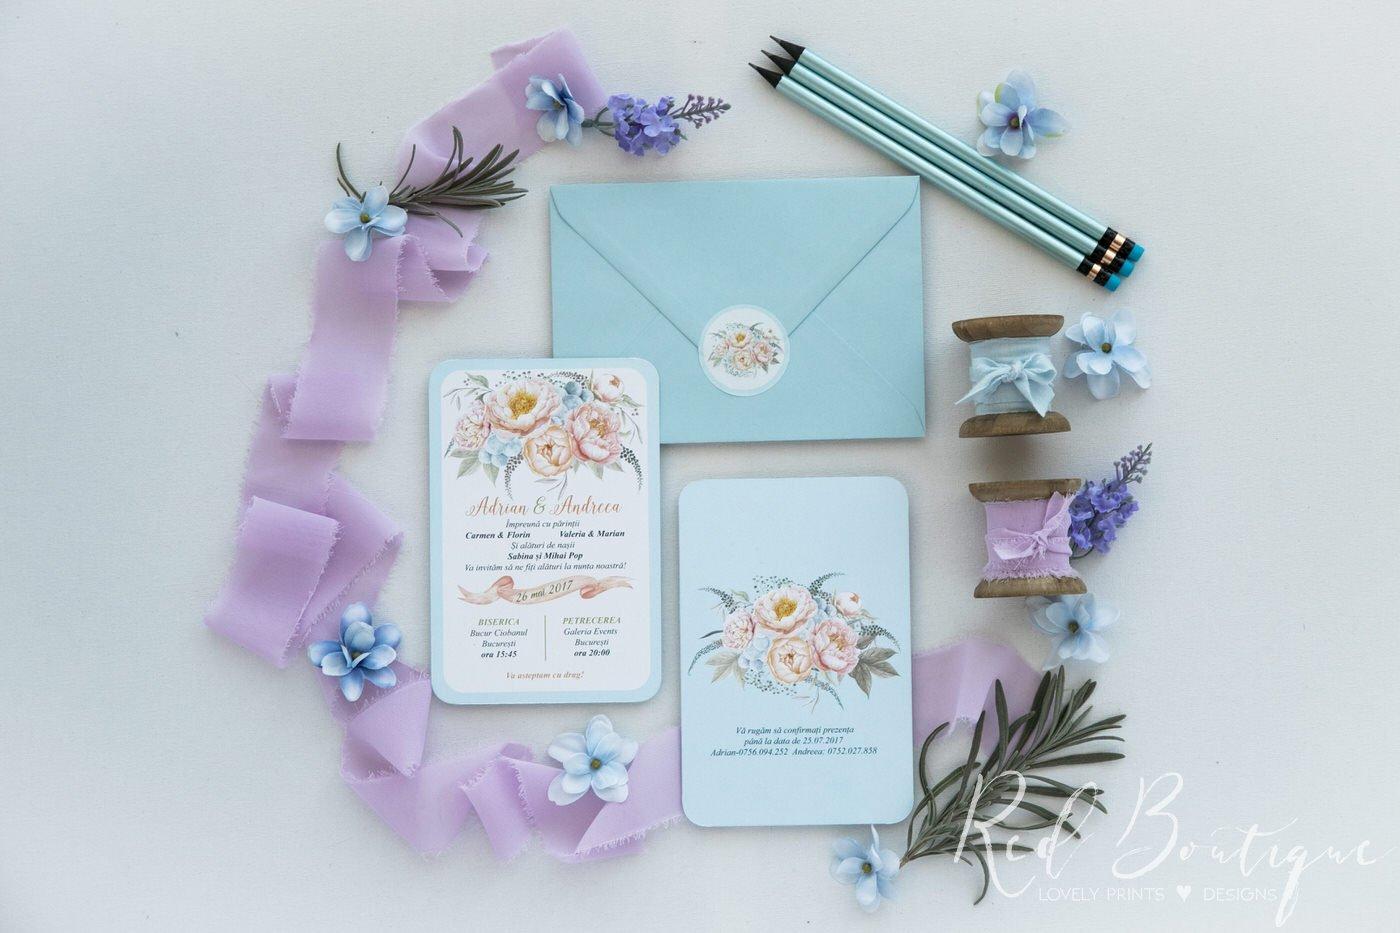 invitatie de nunta postcard cu albastru deschis si flori crem si portocalii